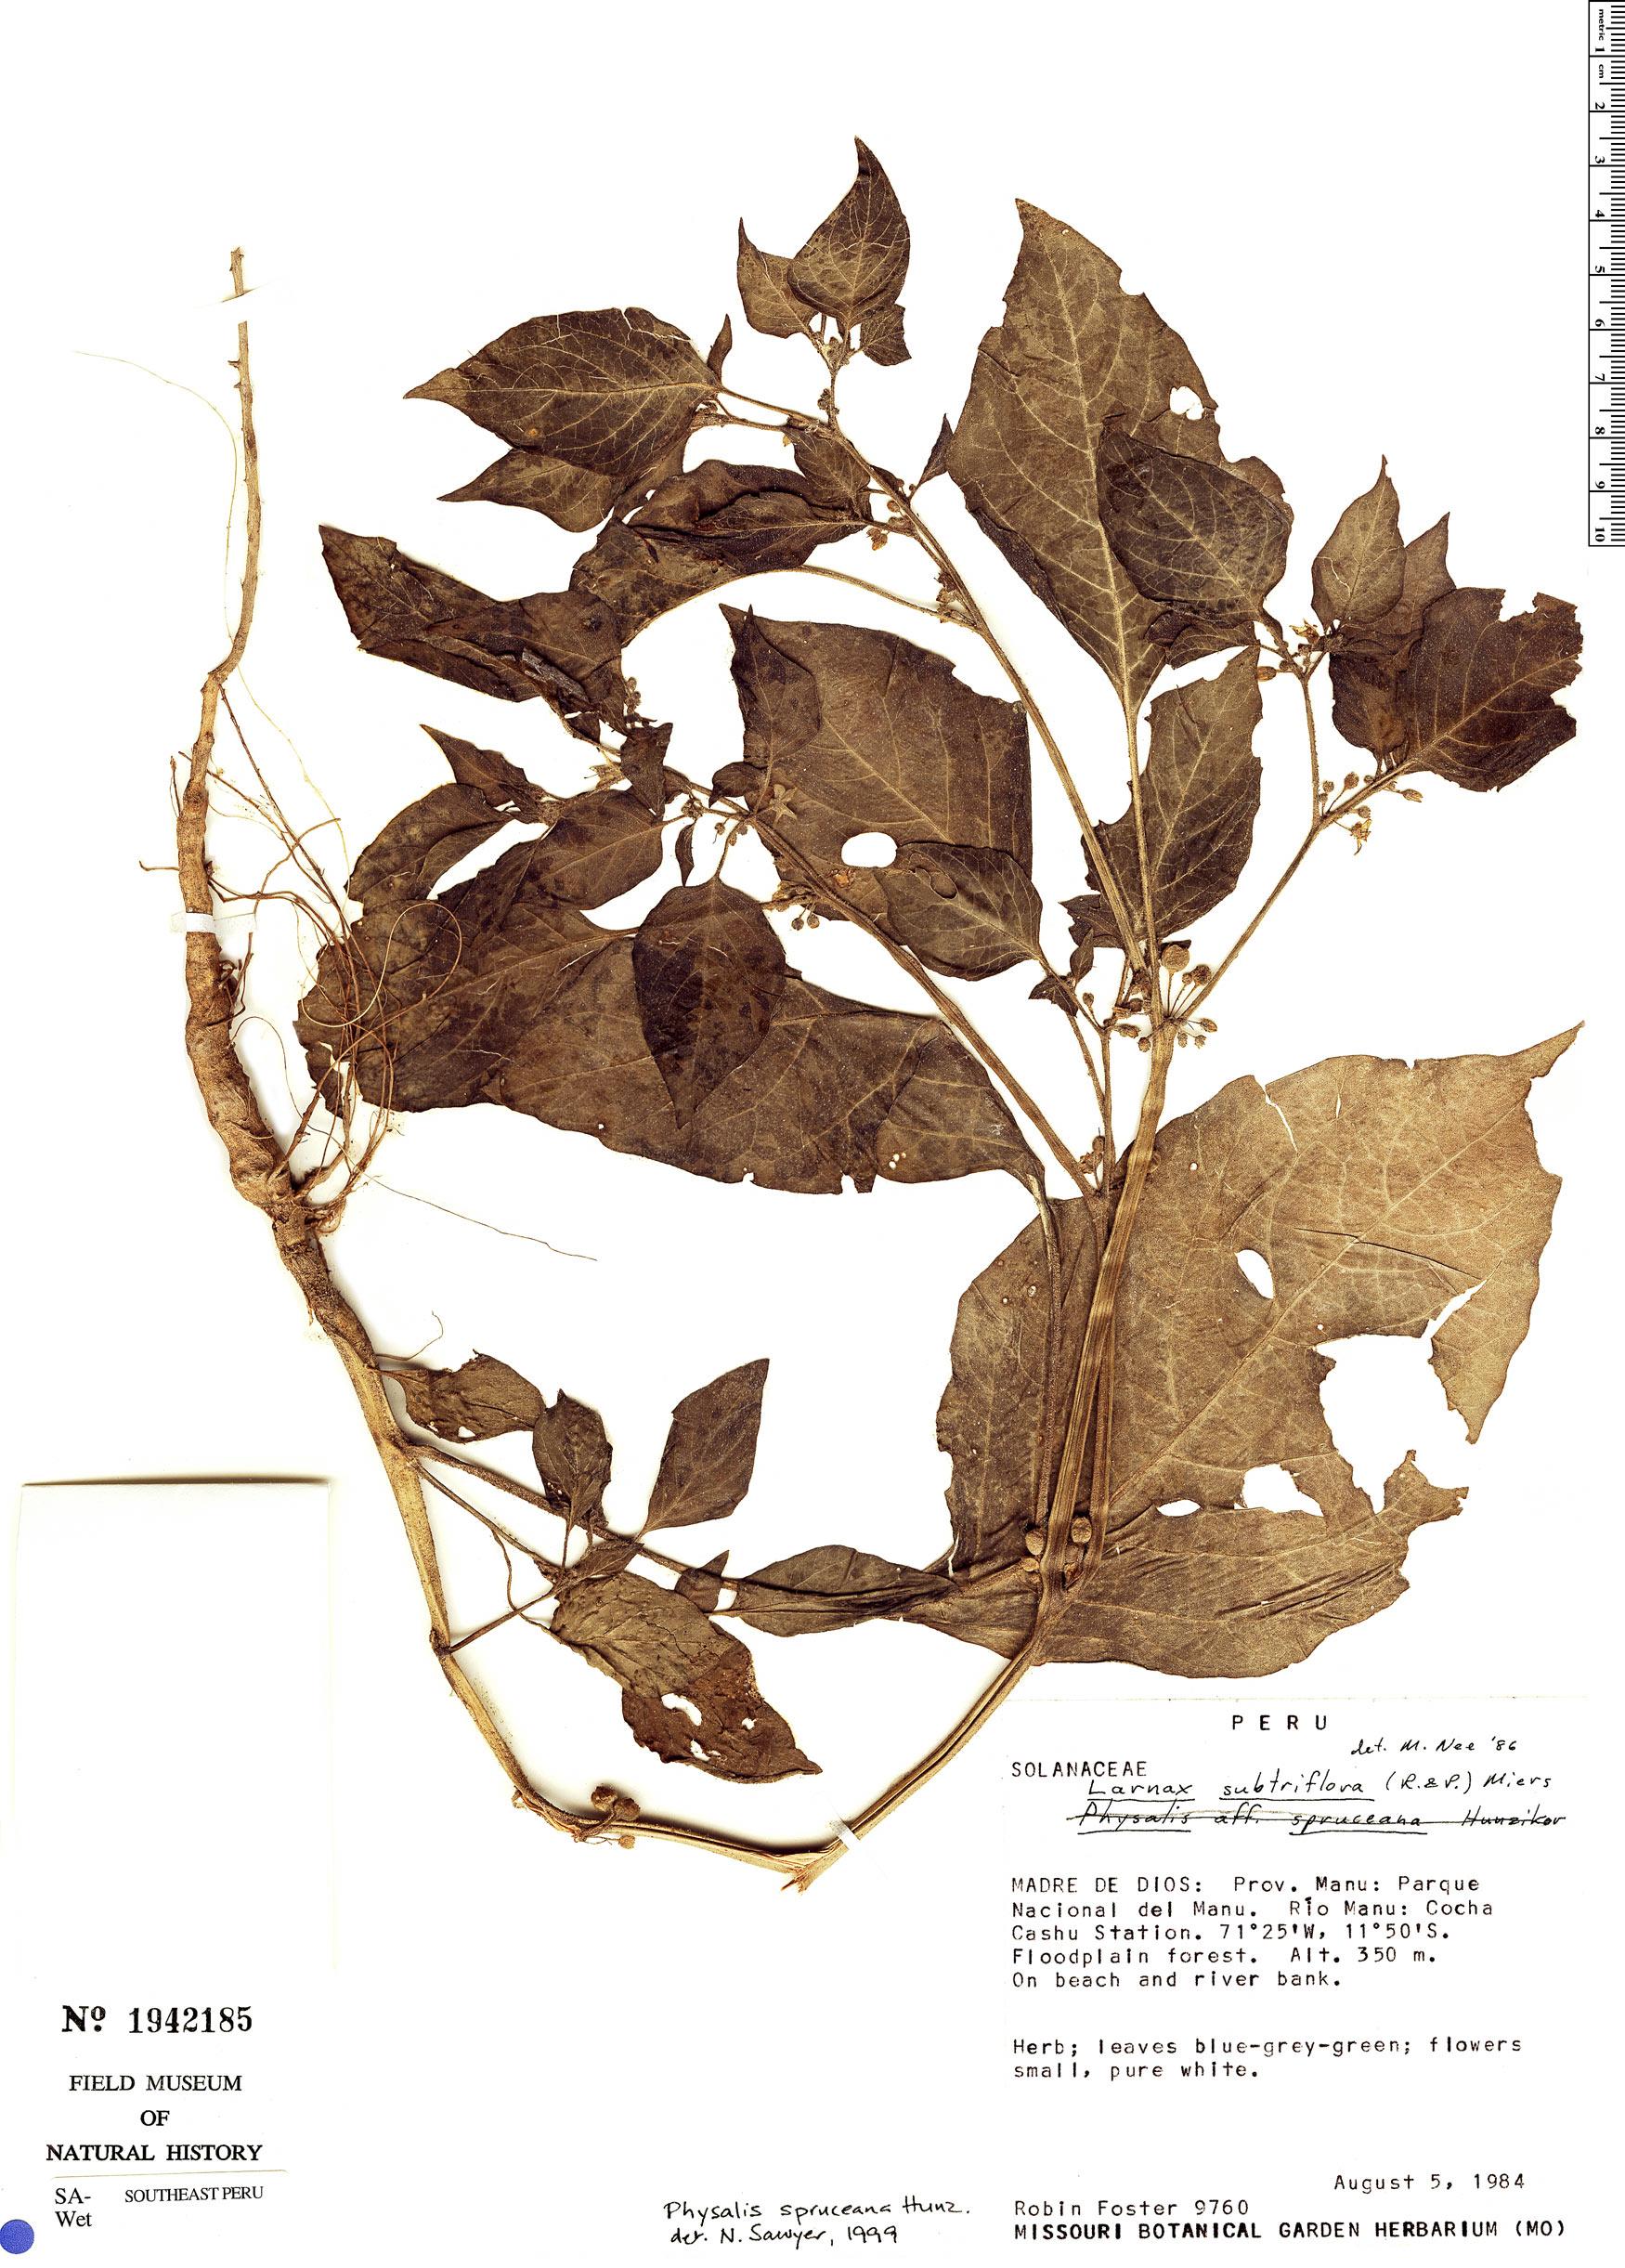 Specimen: Physalis spruceana